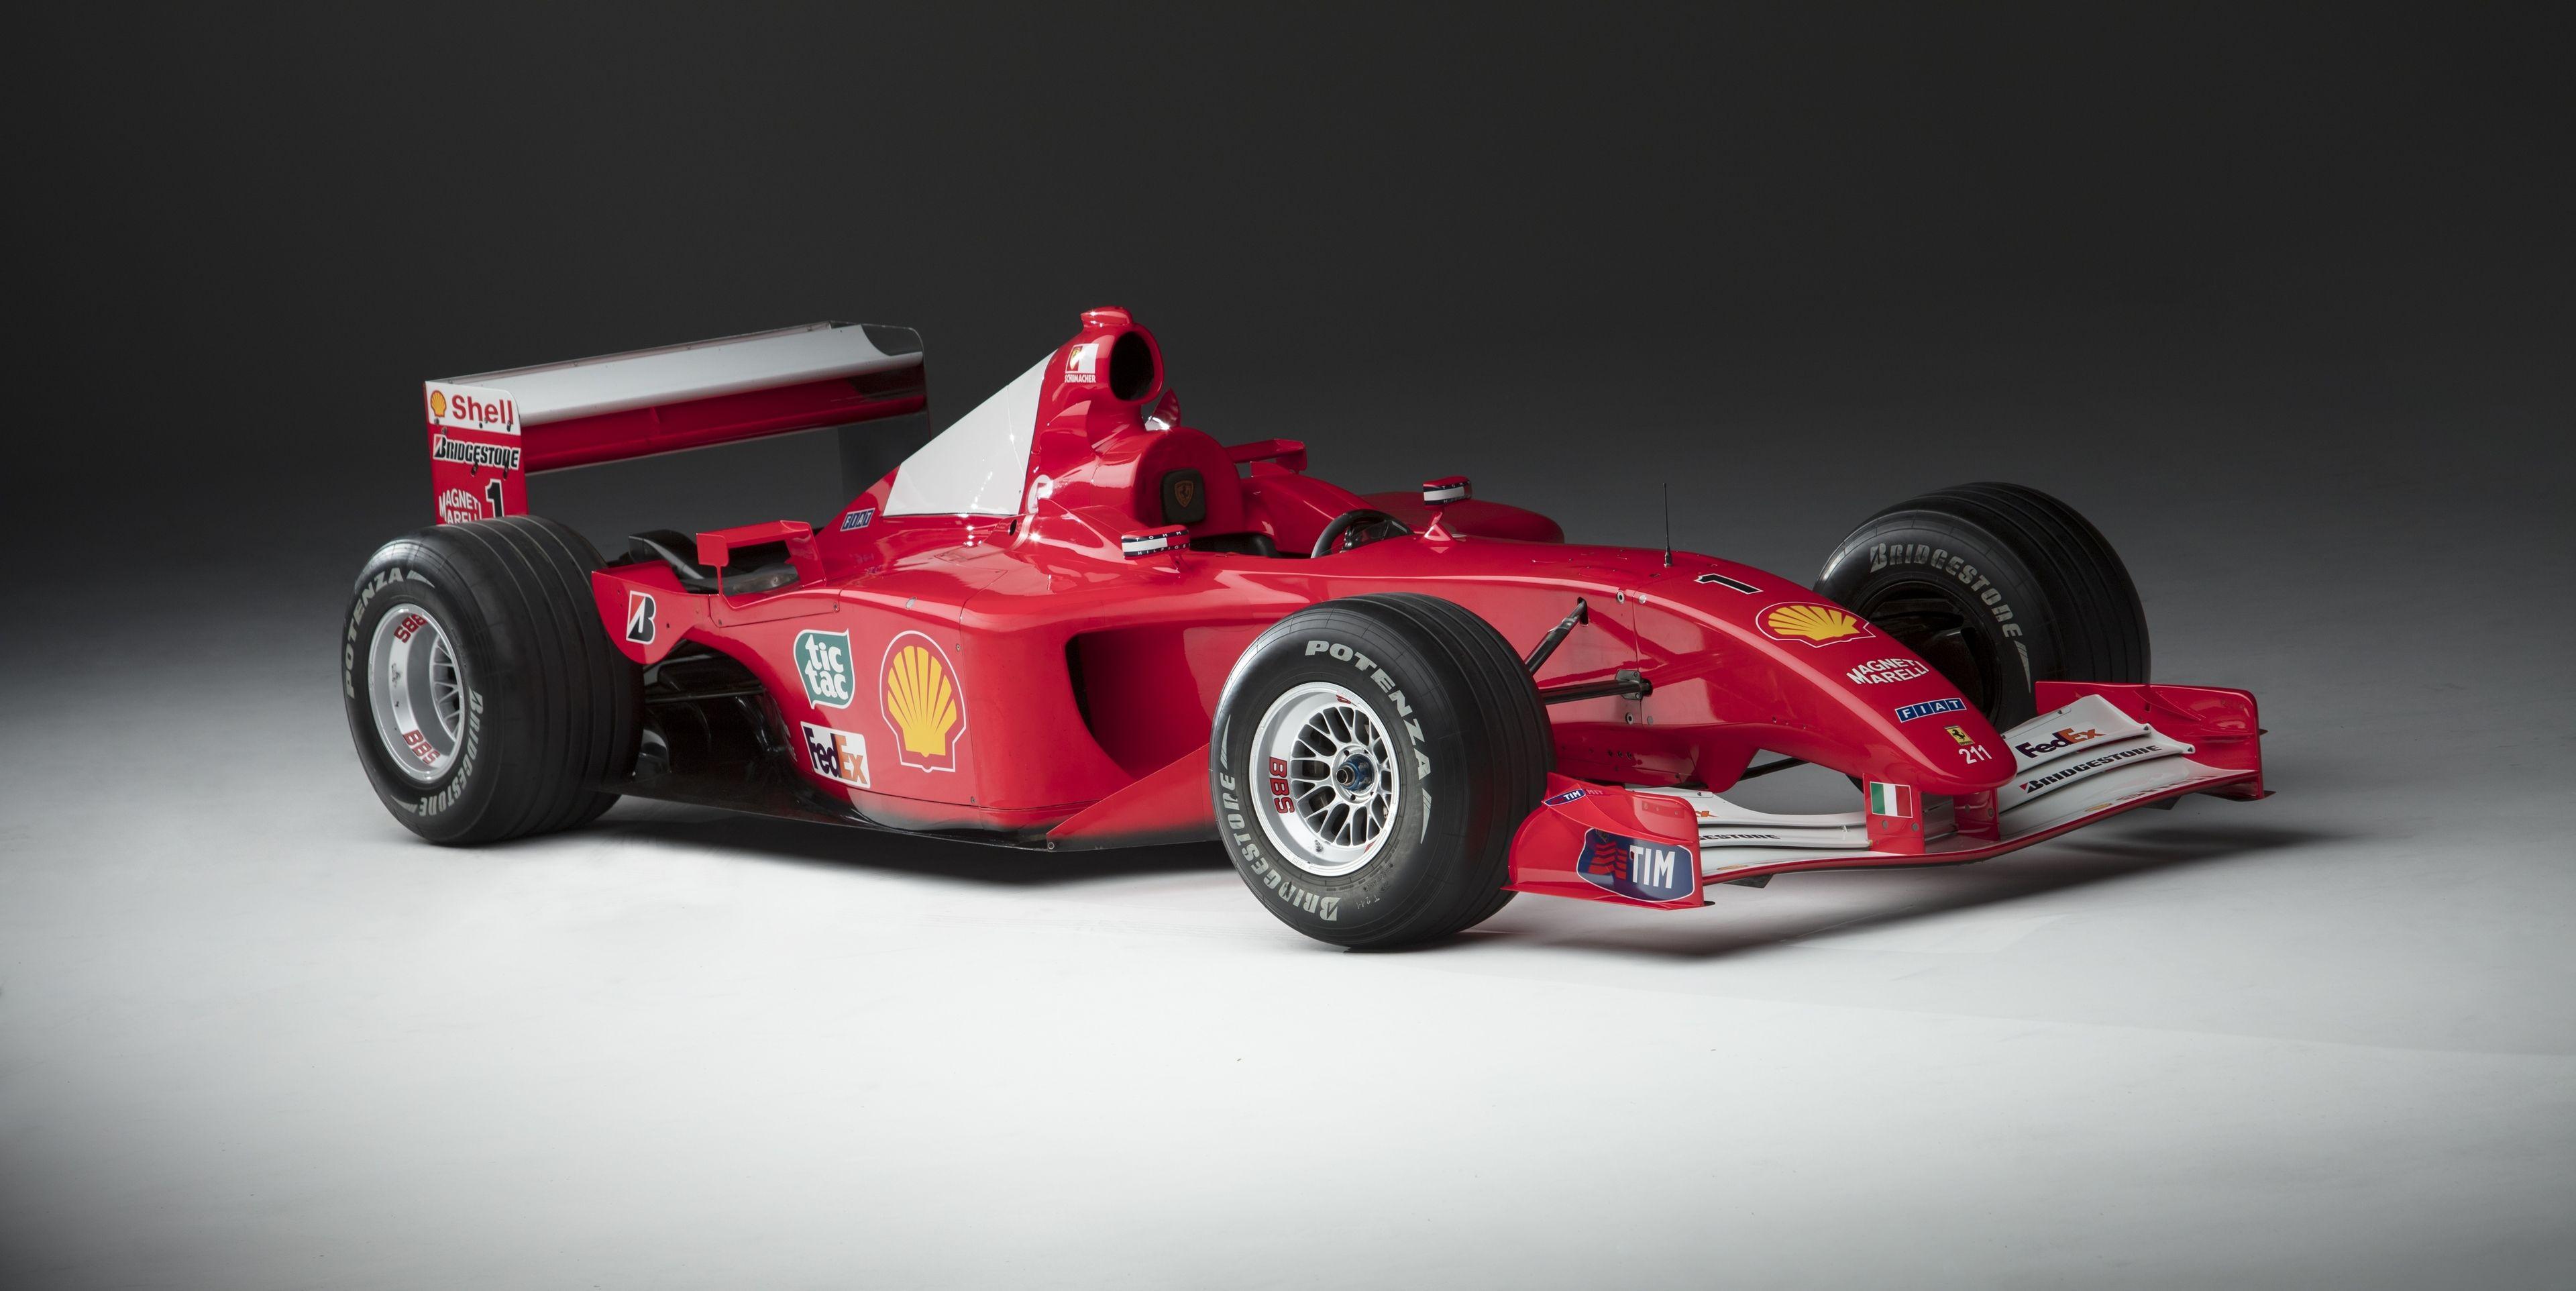 2001 Ferrari F2001